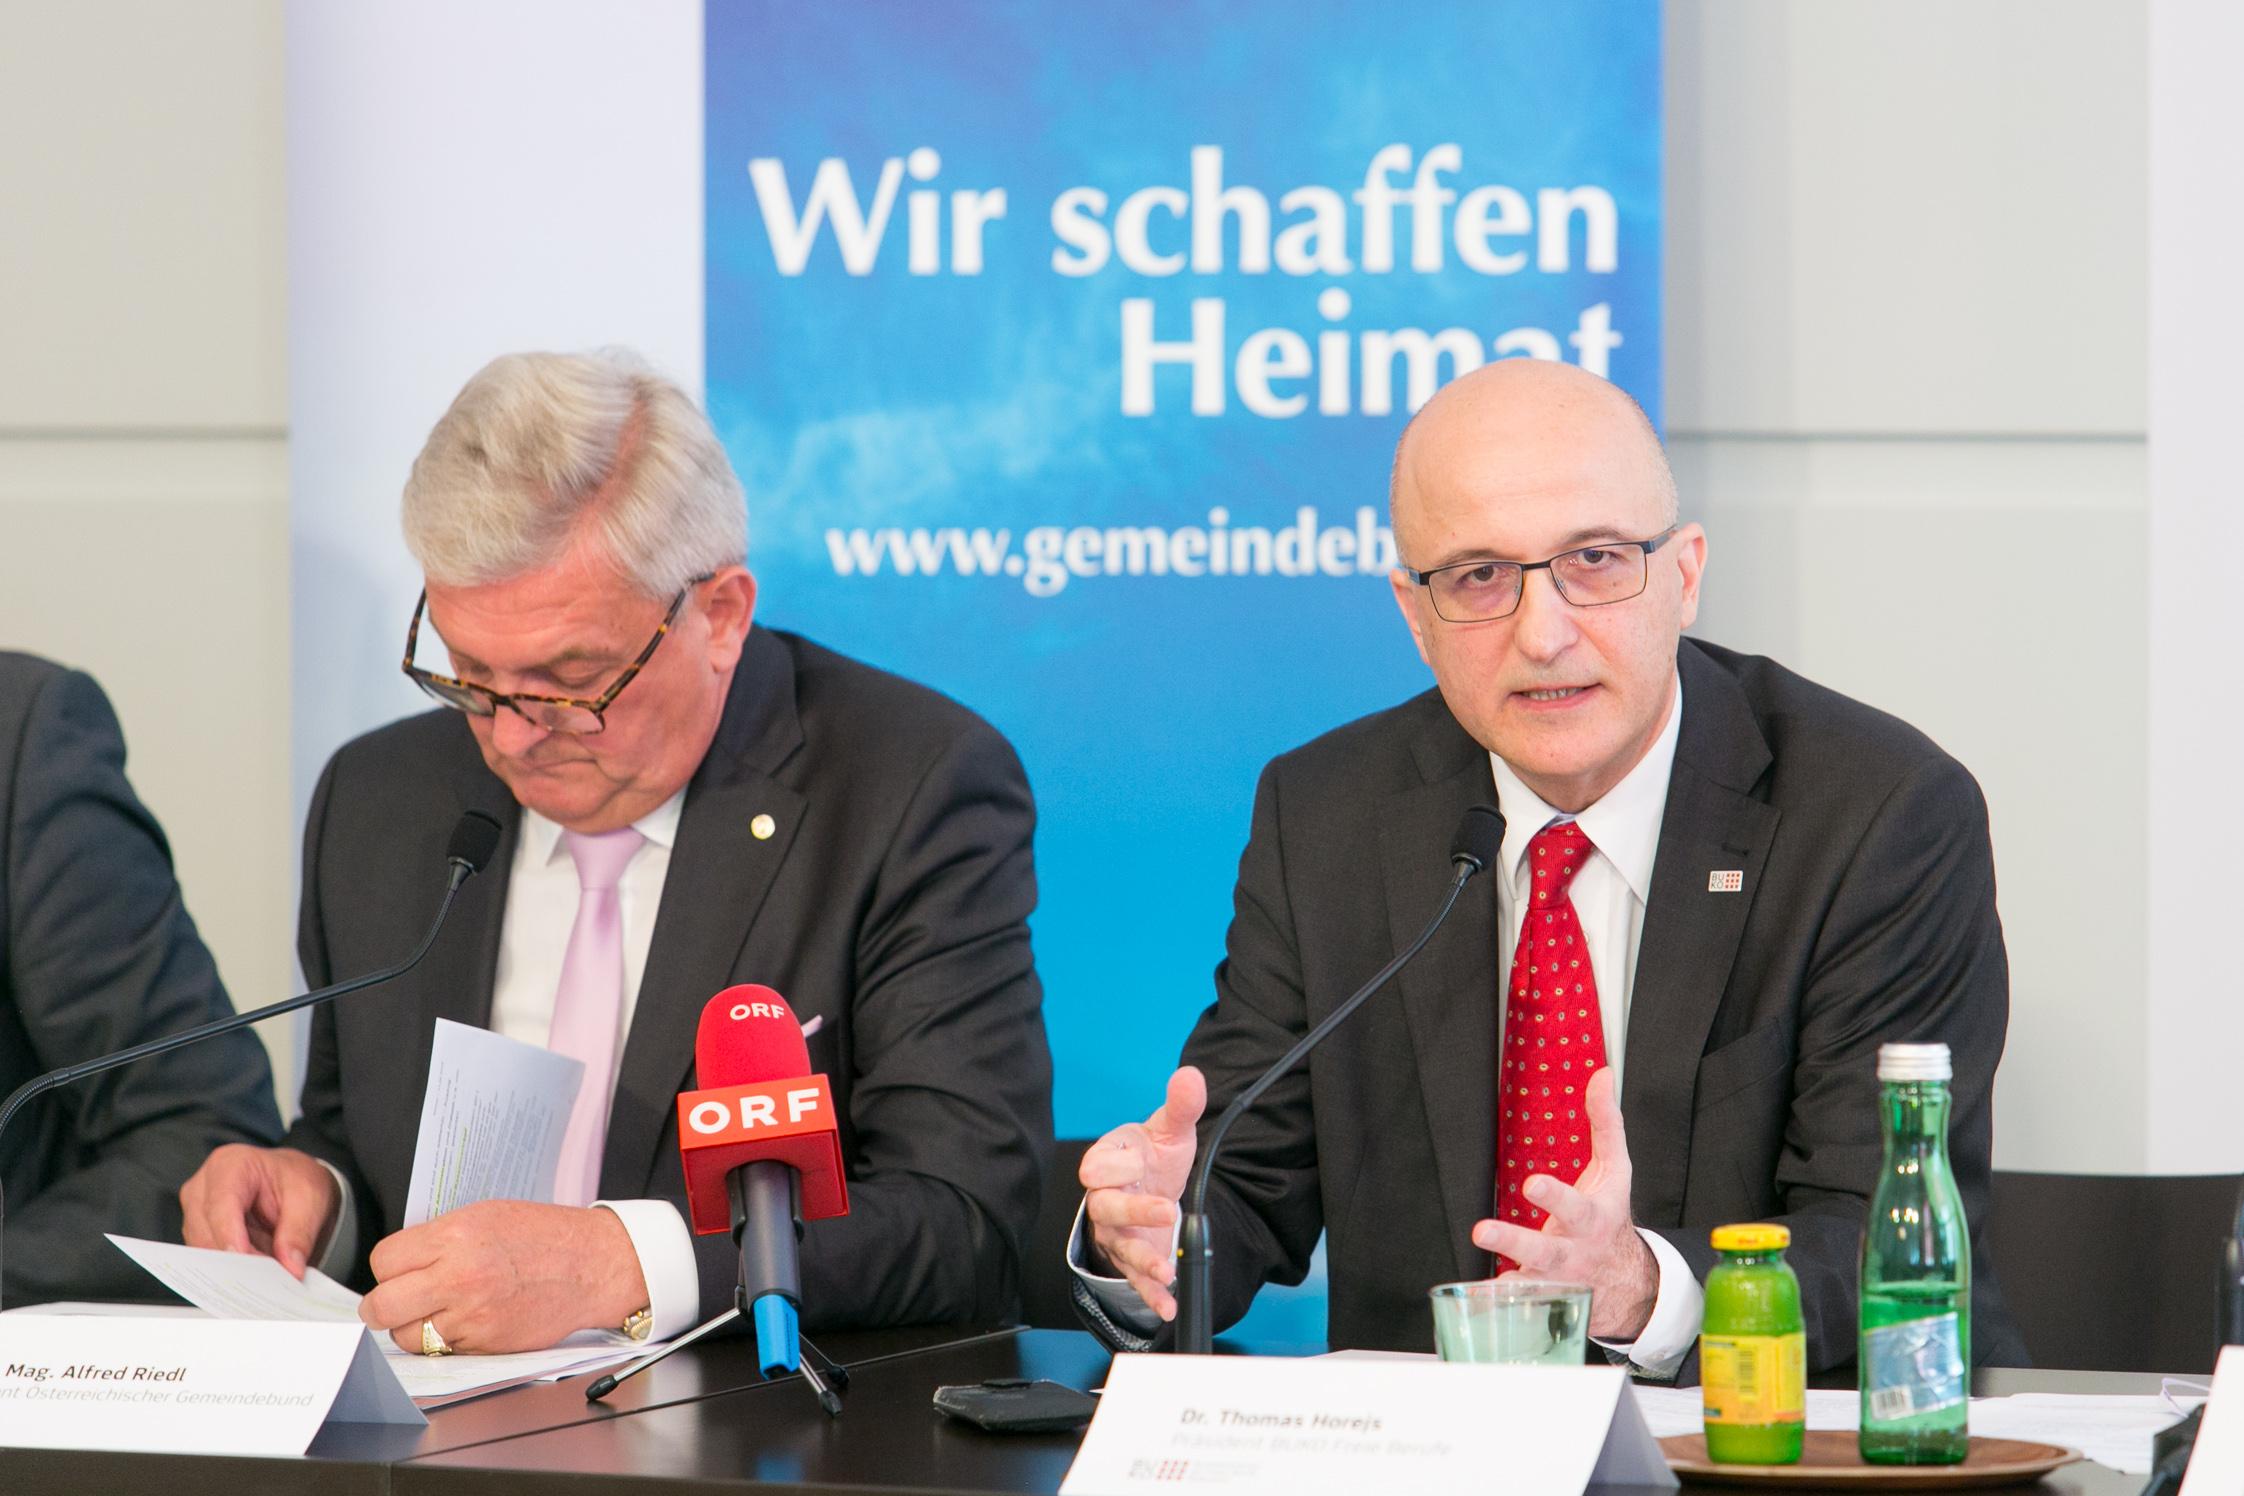 Gemeindebundpräsident Alfred Riedl und Thomas Horjes, Präsident der Bundeskonferenz Freie Berufe.